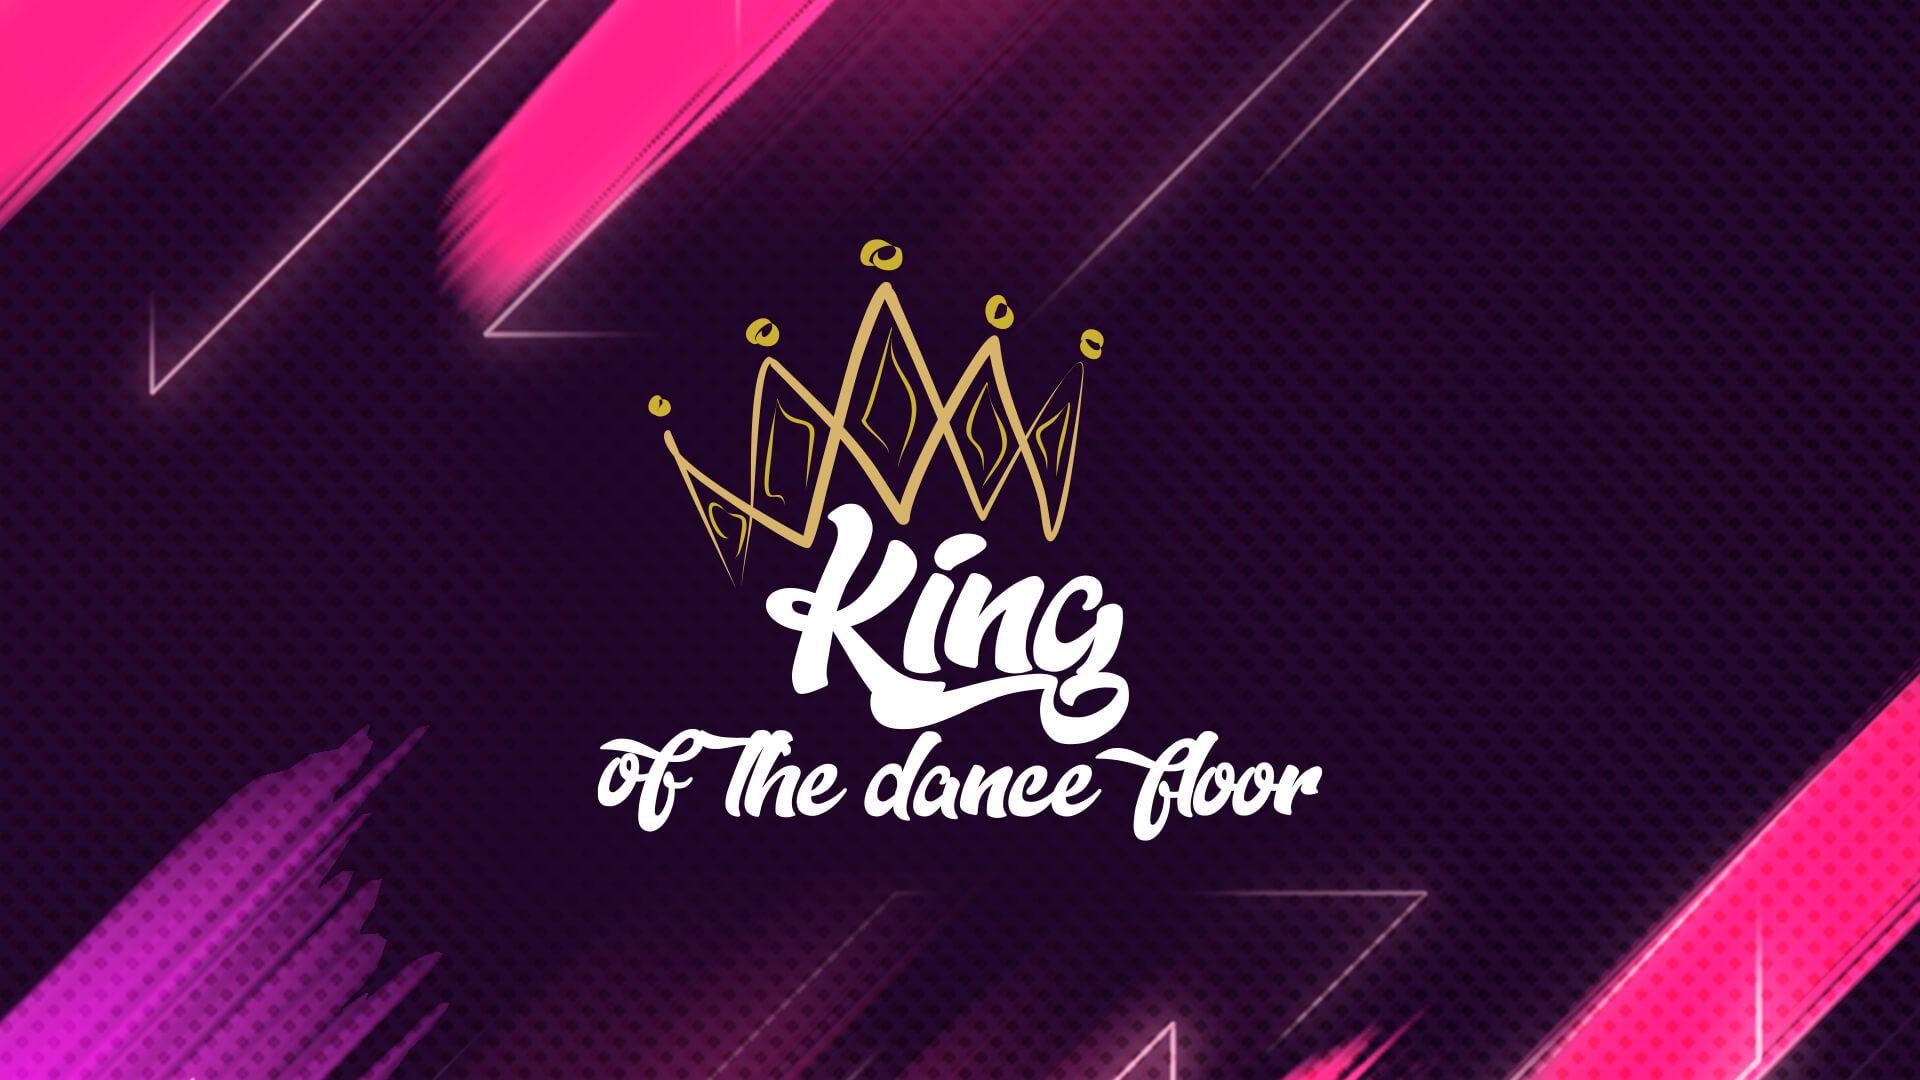 KING-OF-THE-DANCE-FLOOR